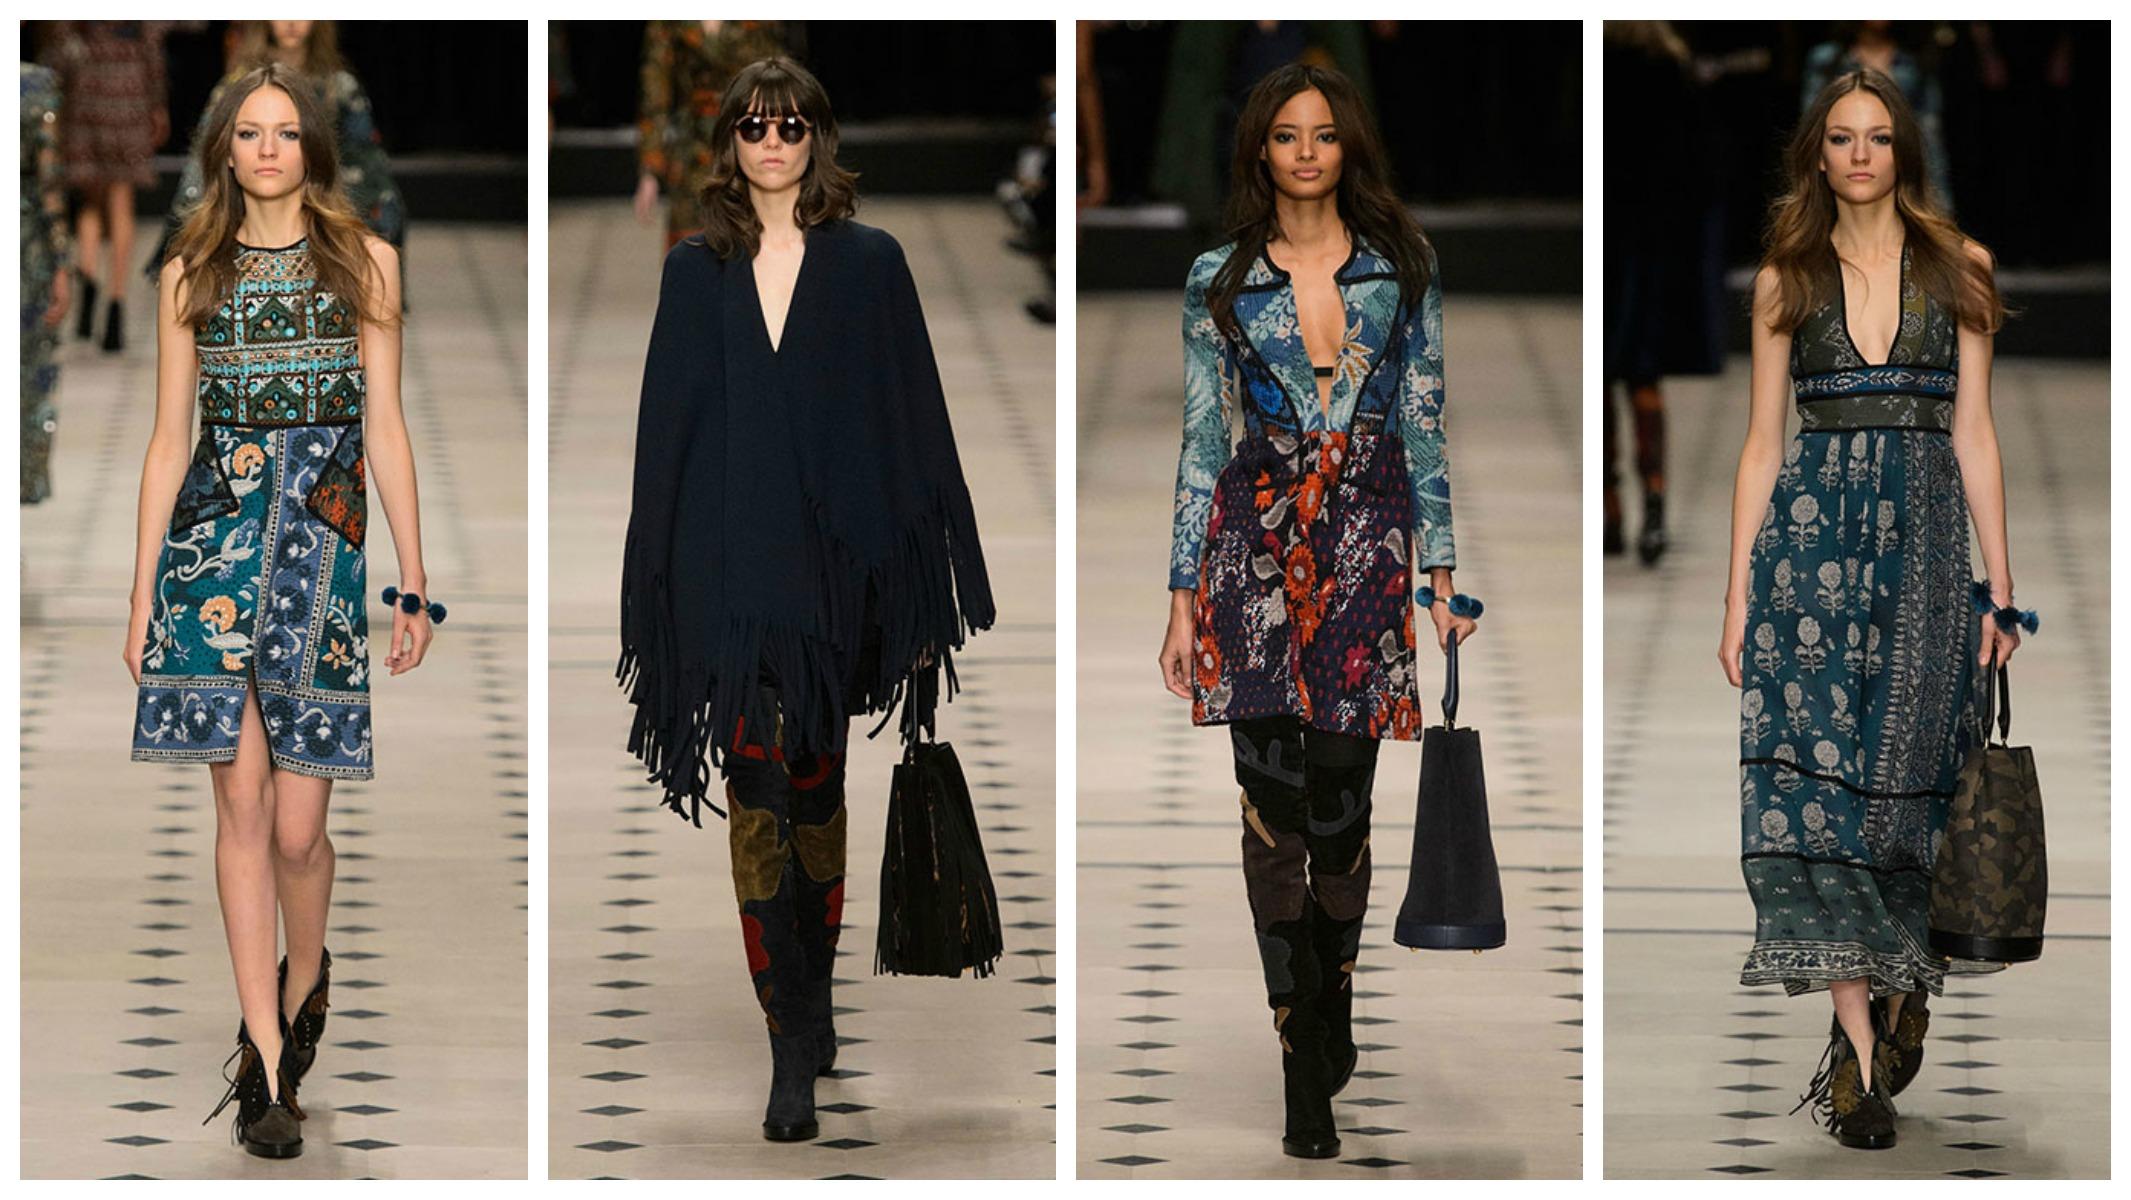 Неделя моды в Лондоне: Народные промыслы в коллекции Burberry